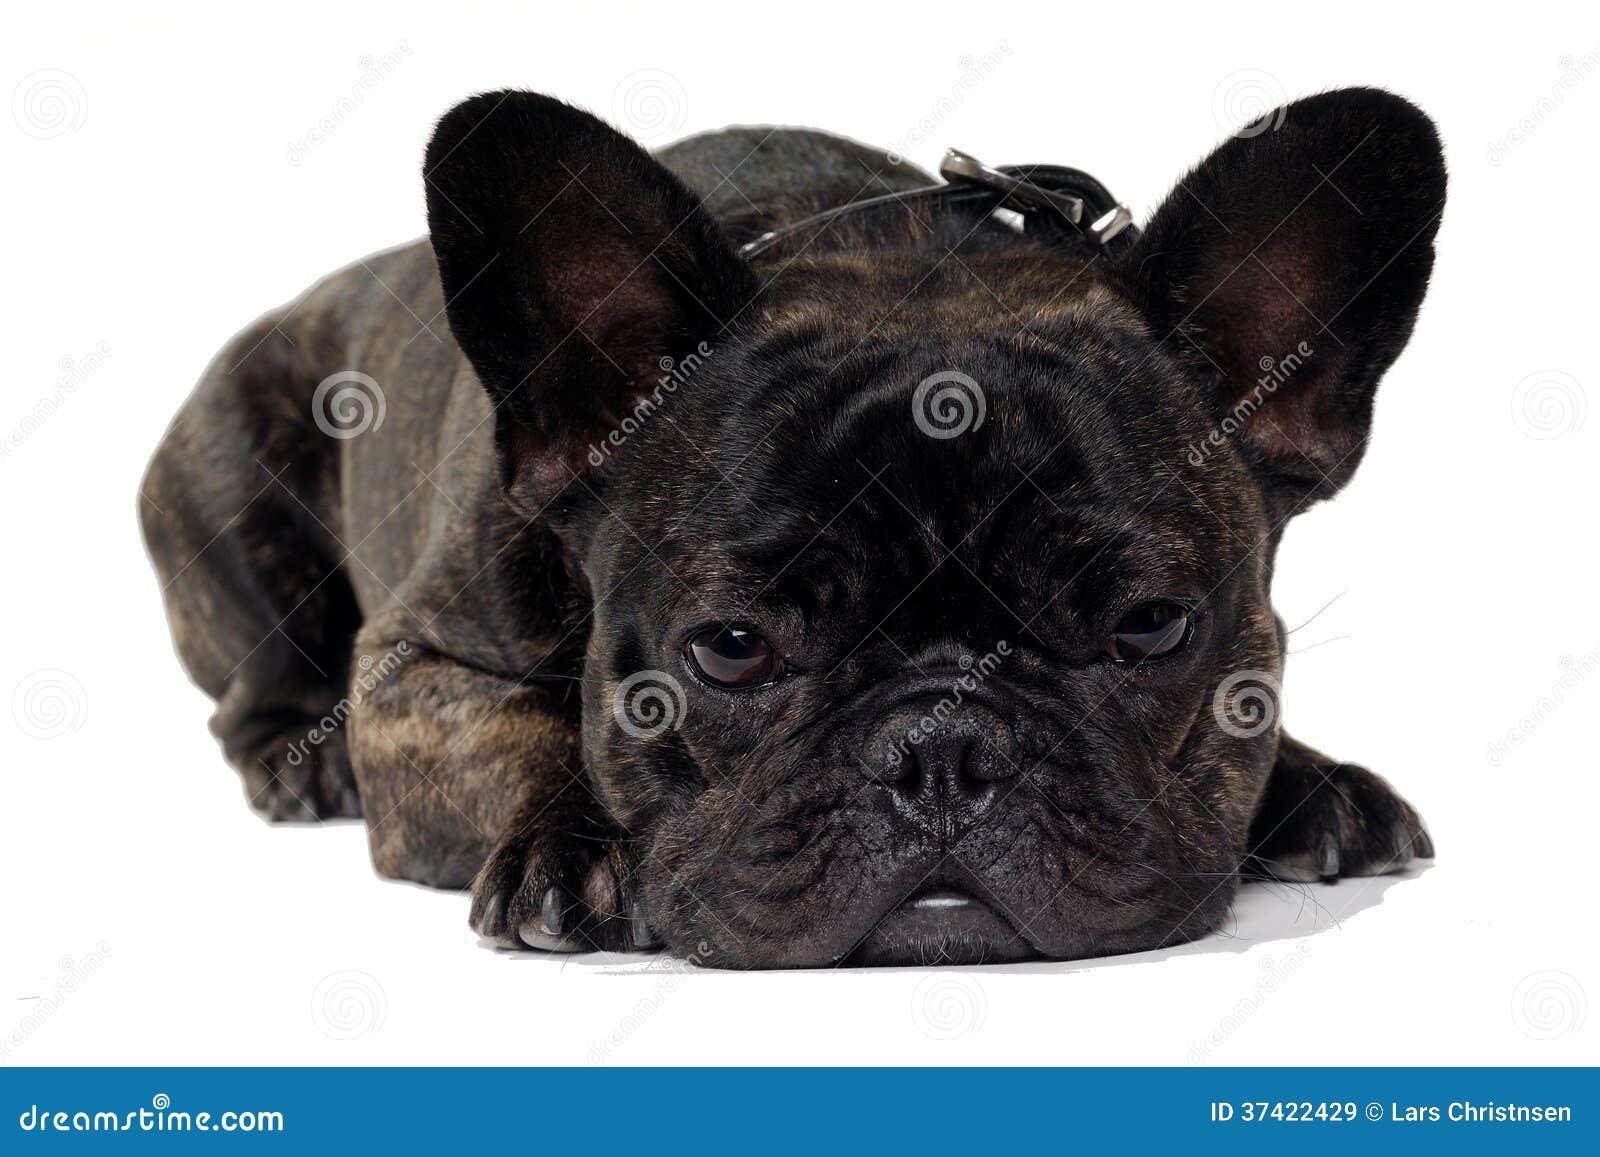 French Bulldog Dog On White Background Stock Image Image